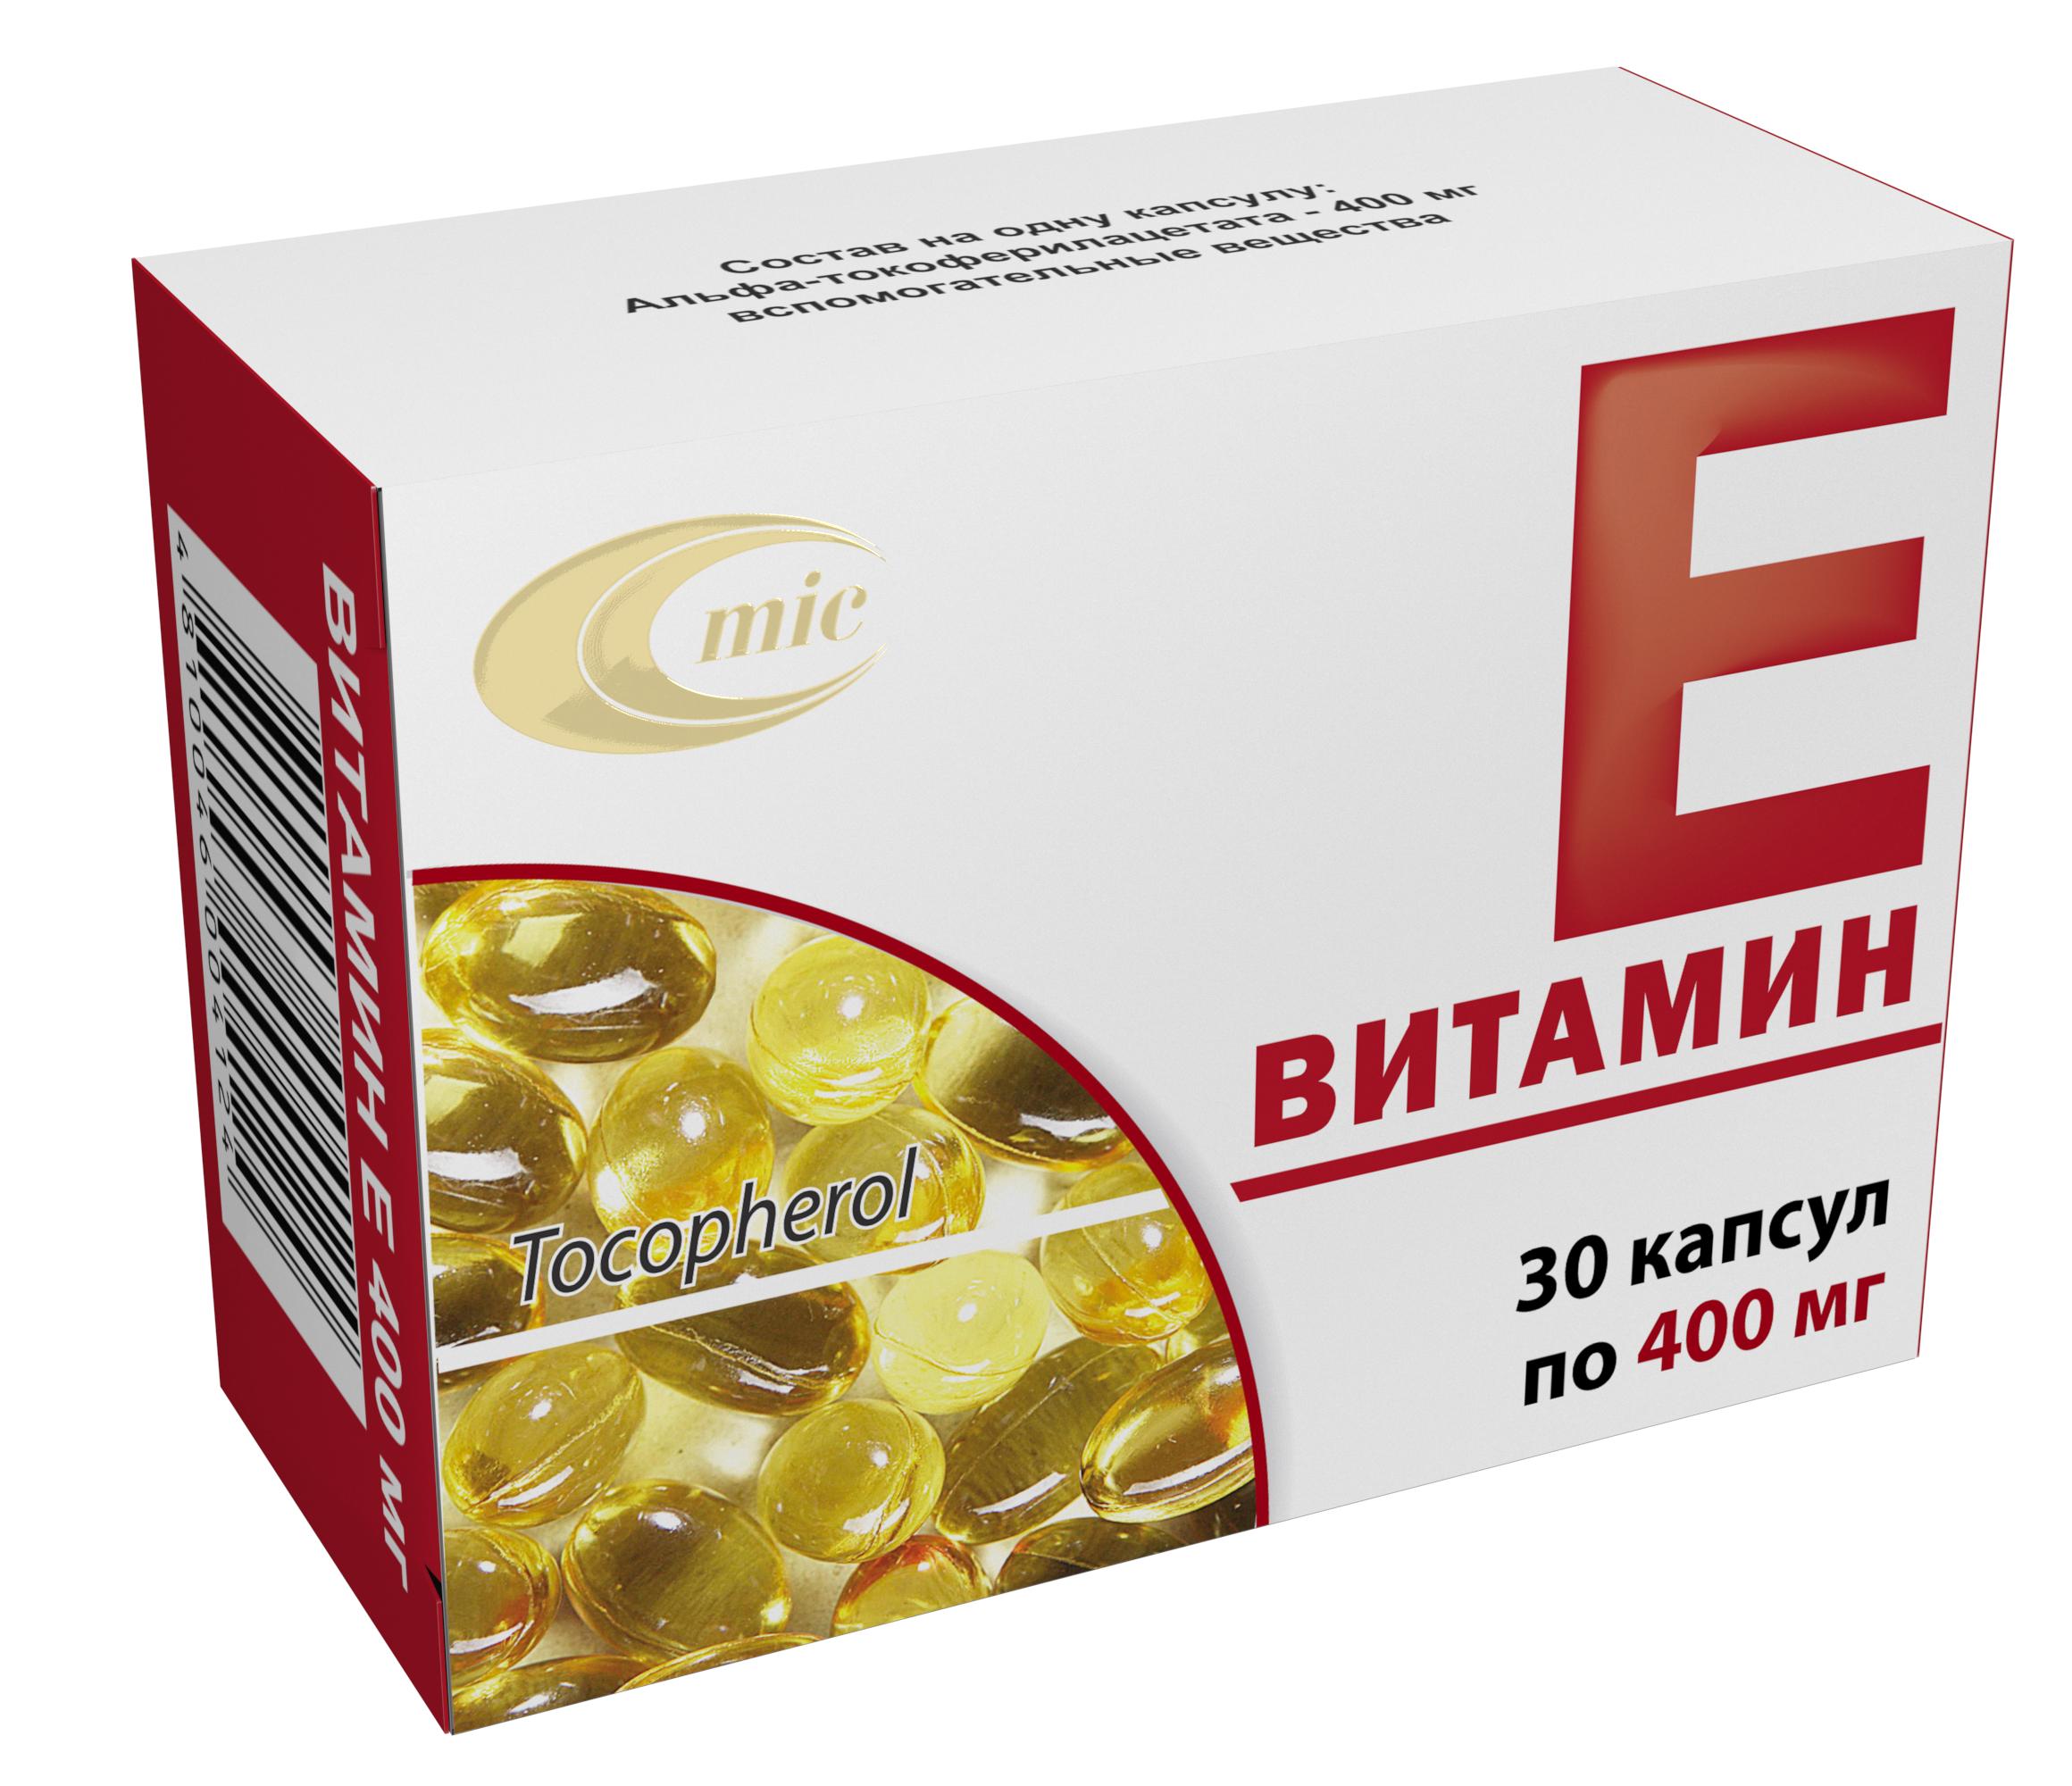 Польза витамина е для поддержания мужского здоровья